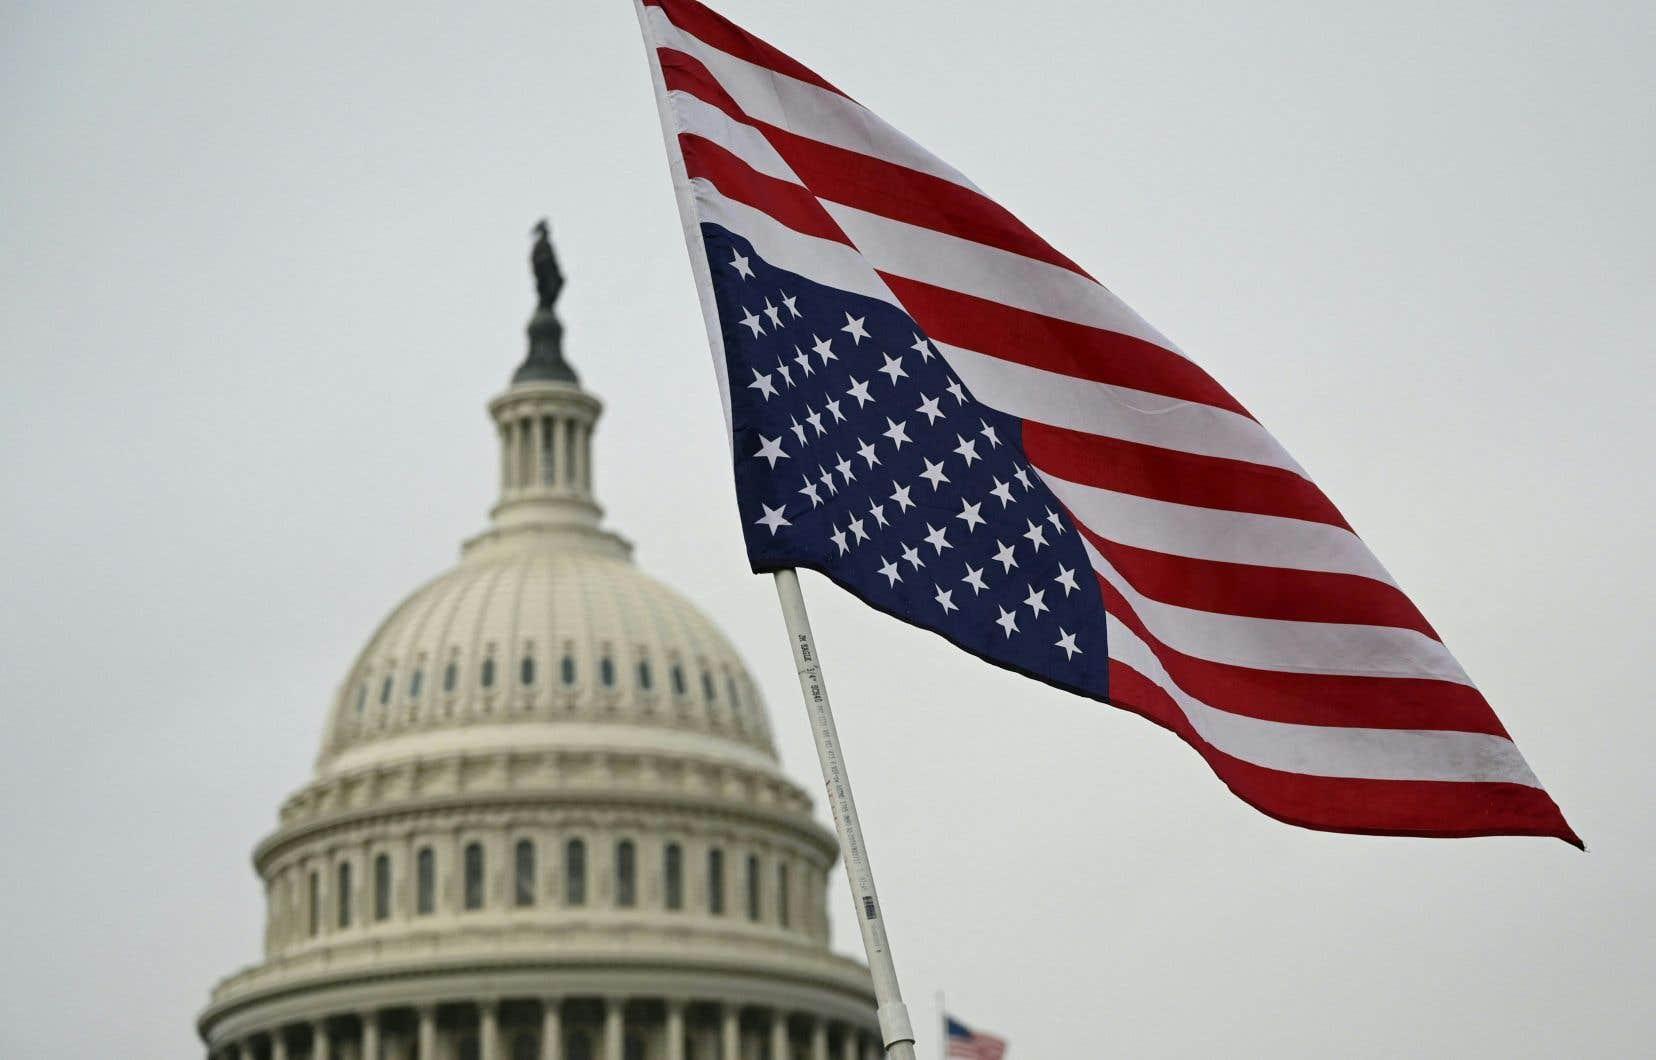 Joe Biden veut doubler (de 10,5% à 21%) l'impôt minimum sur les profits que les multinationales américaines enregistrent à l'étranger et souvent artificiellement dans les paradis fiscaux.